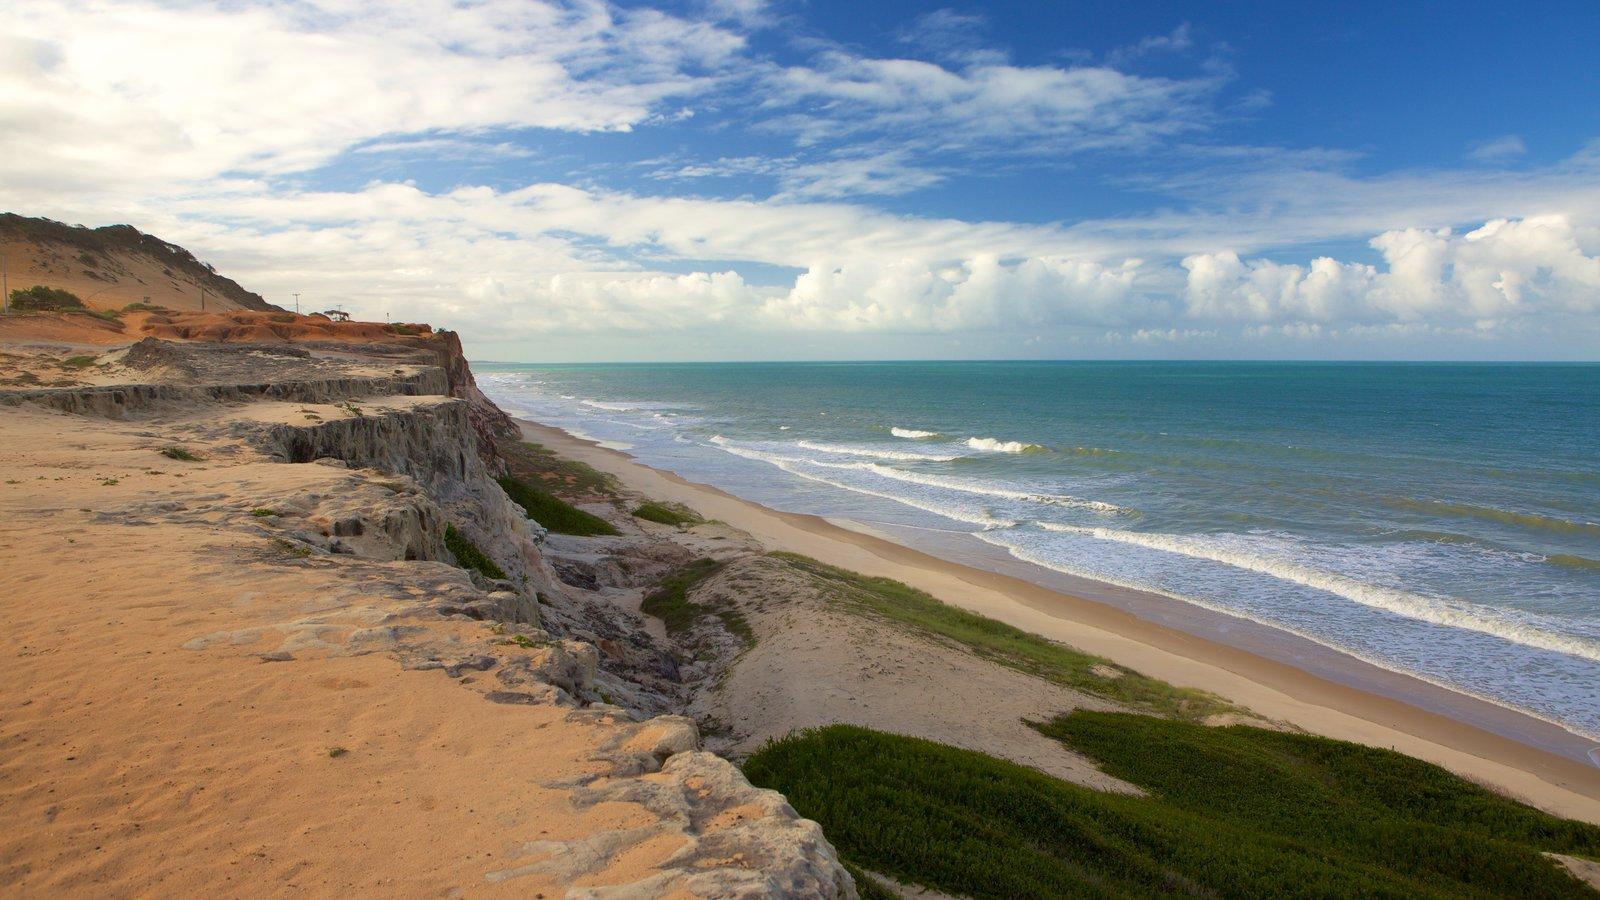 Pipa mostrando uma praia de areia, litoral acidentado e paisagem